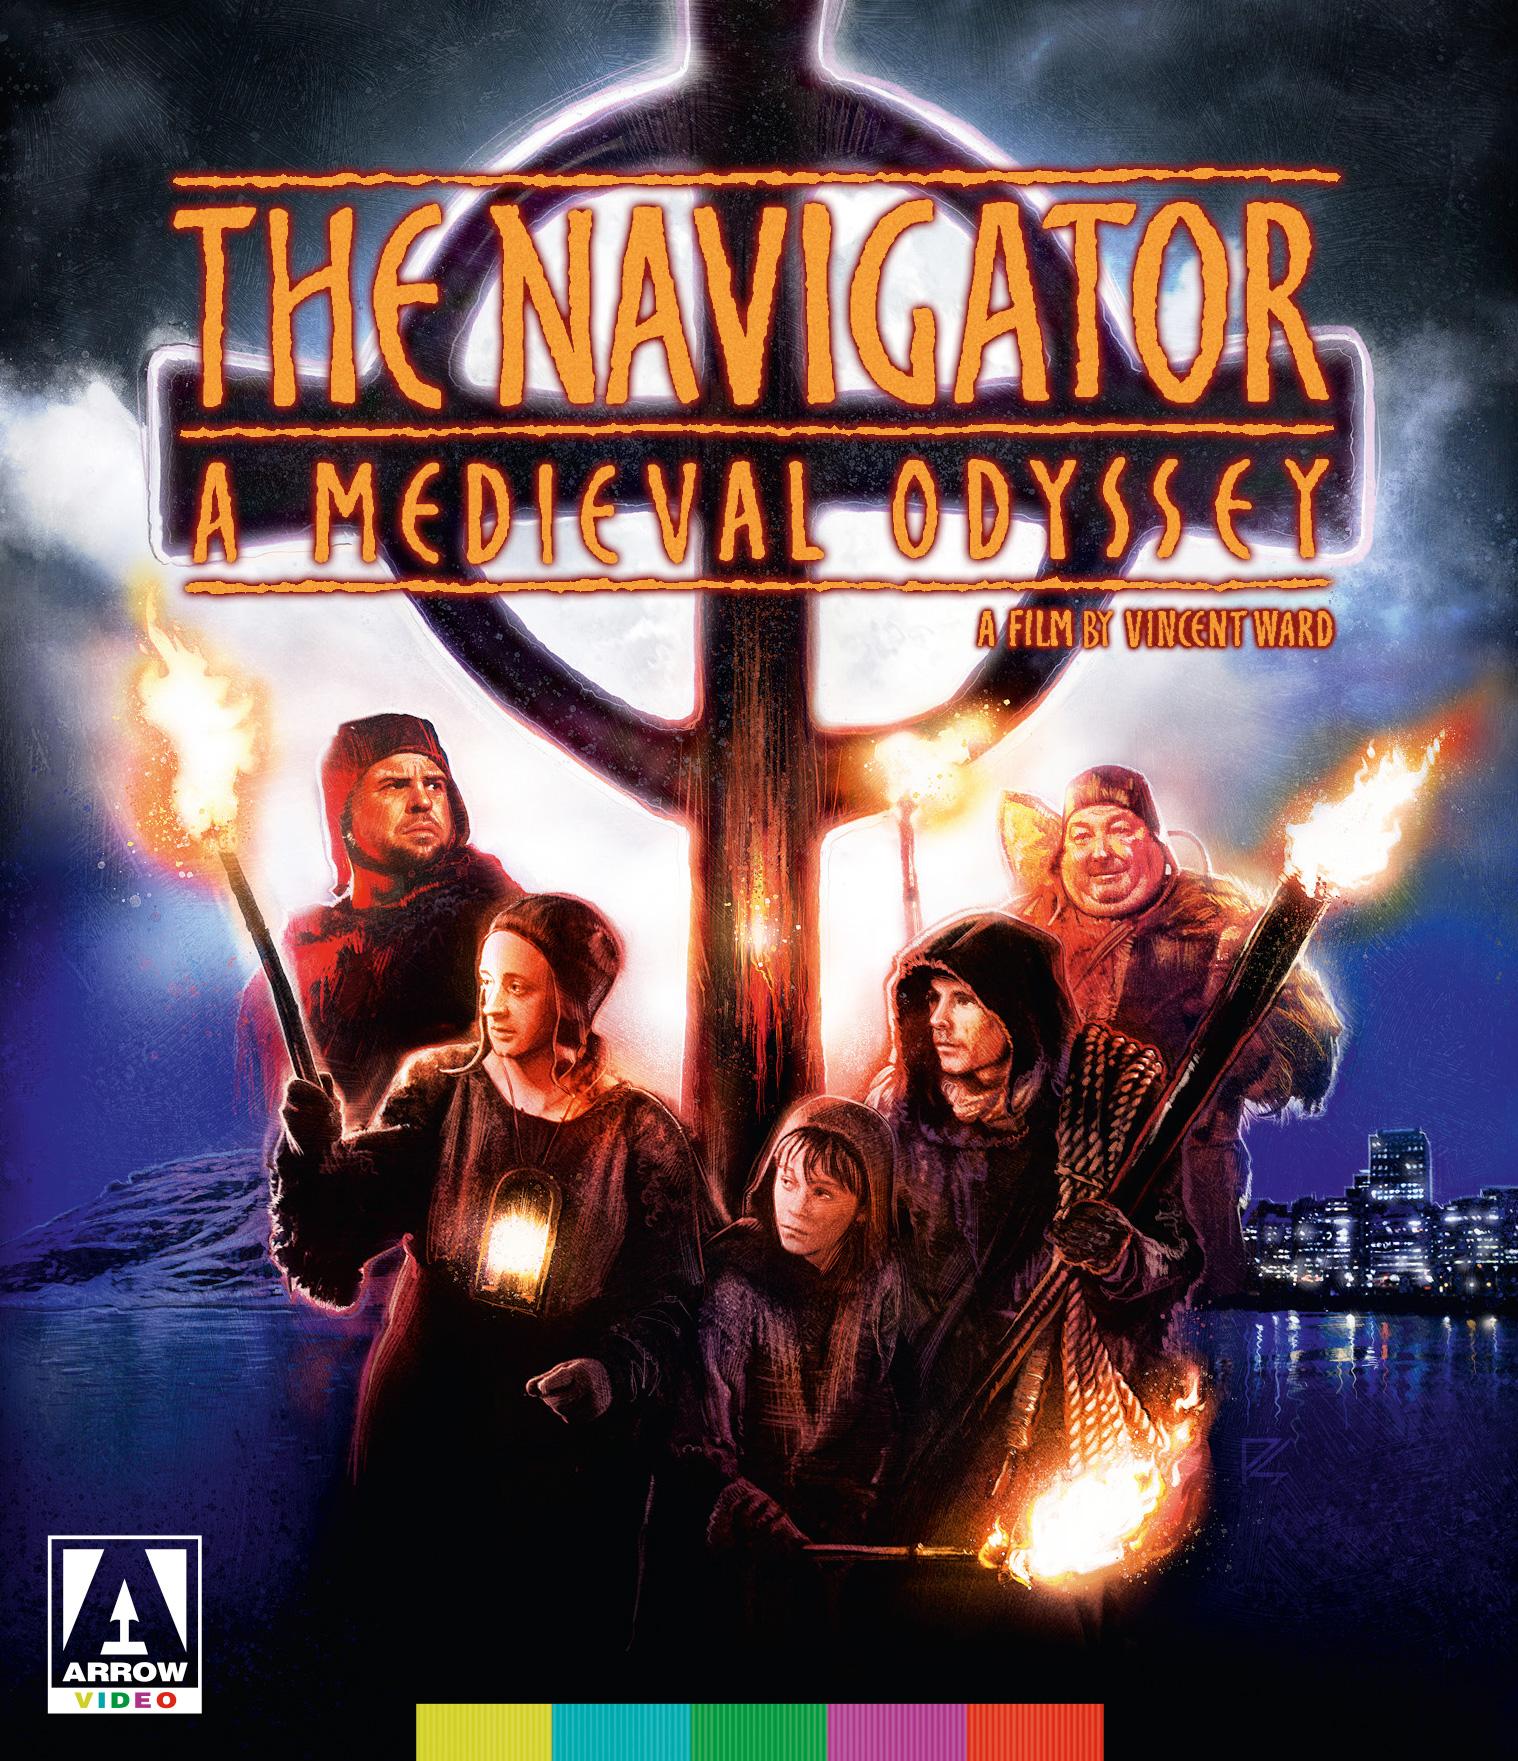 The Navigator: A Medieval Odyssey (1989) Arrow Video Blu